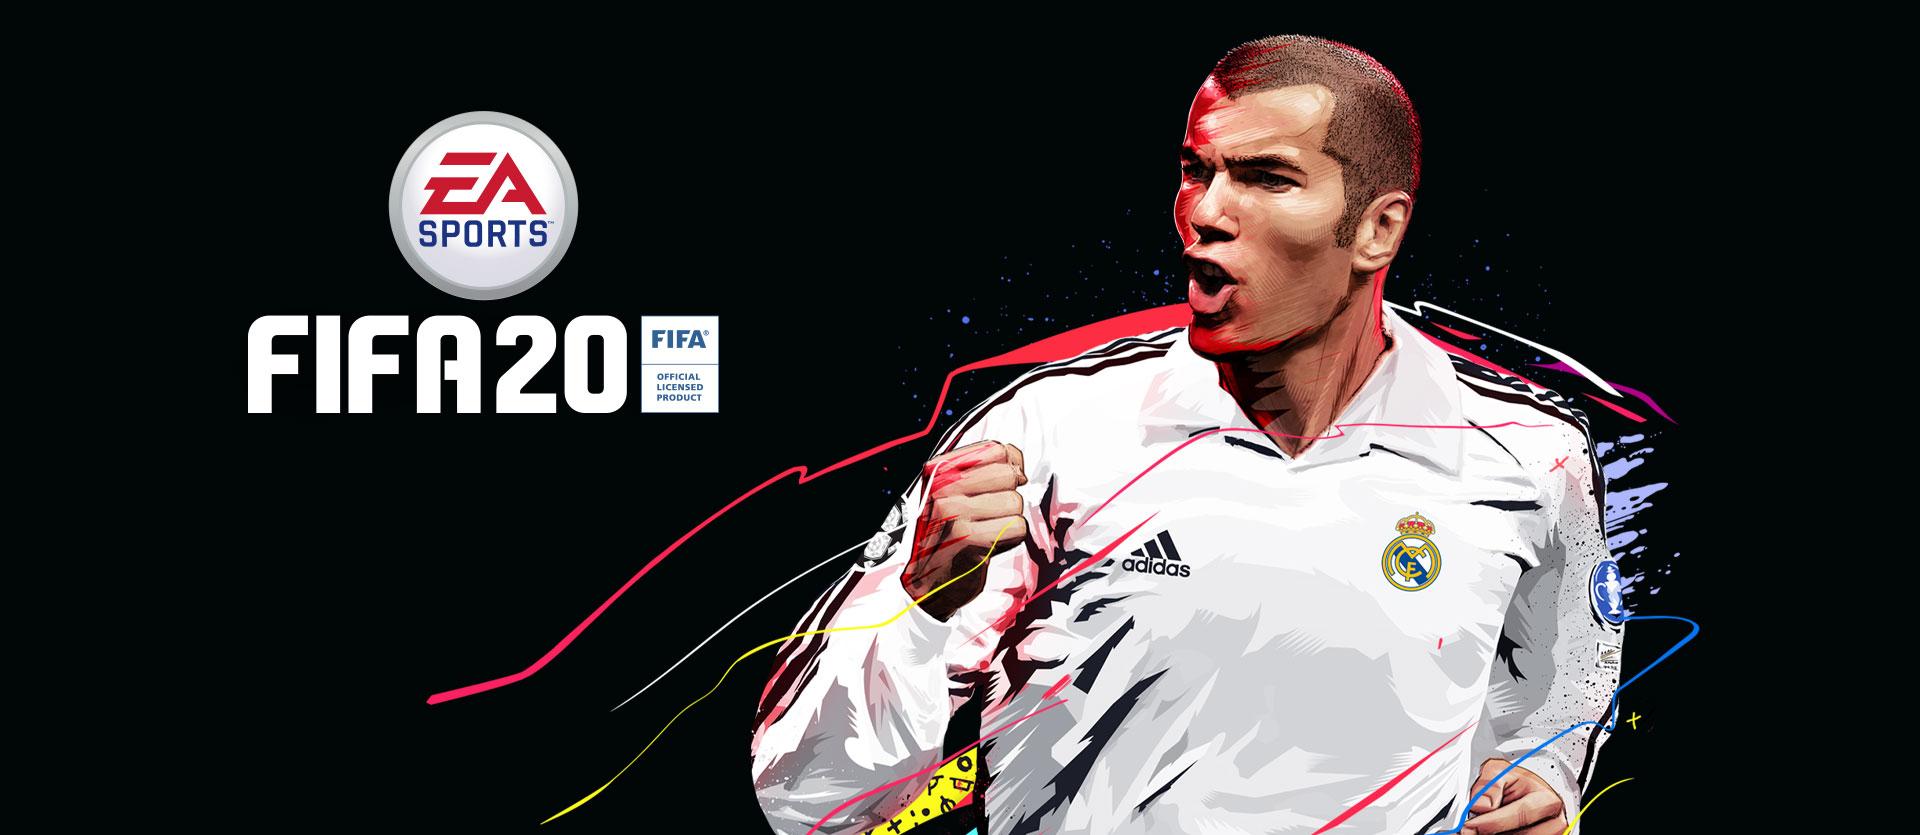 couverture de fifa 20 Ultimate avec Zinedine Zidane